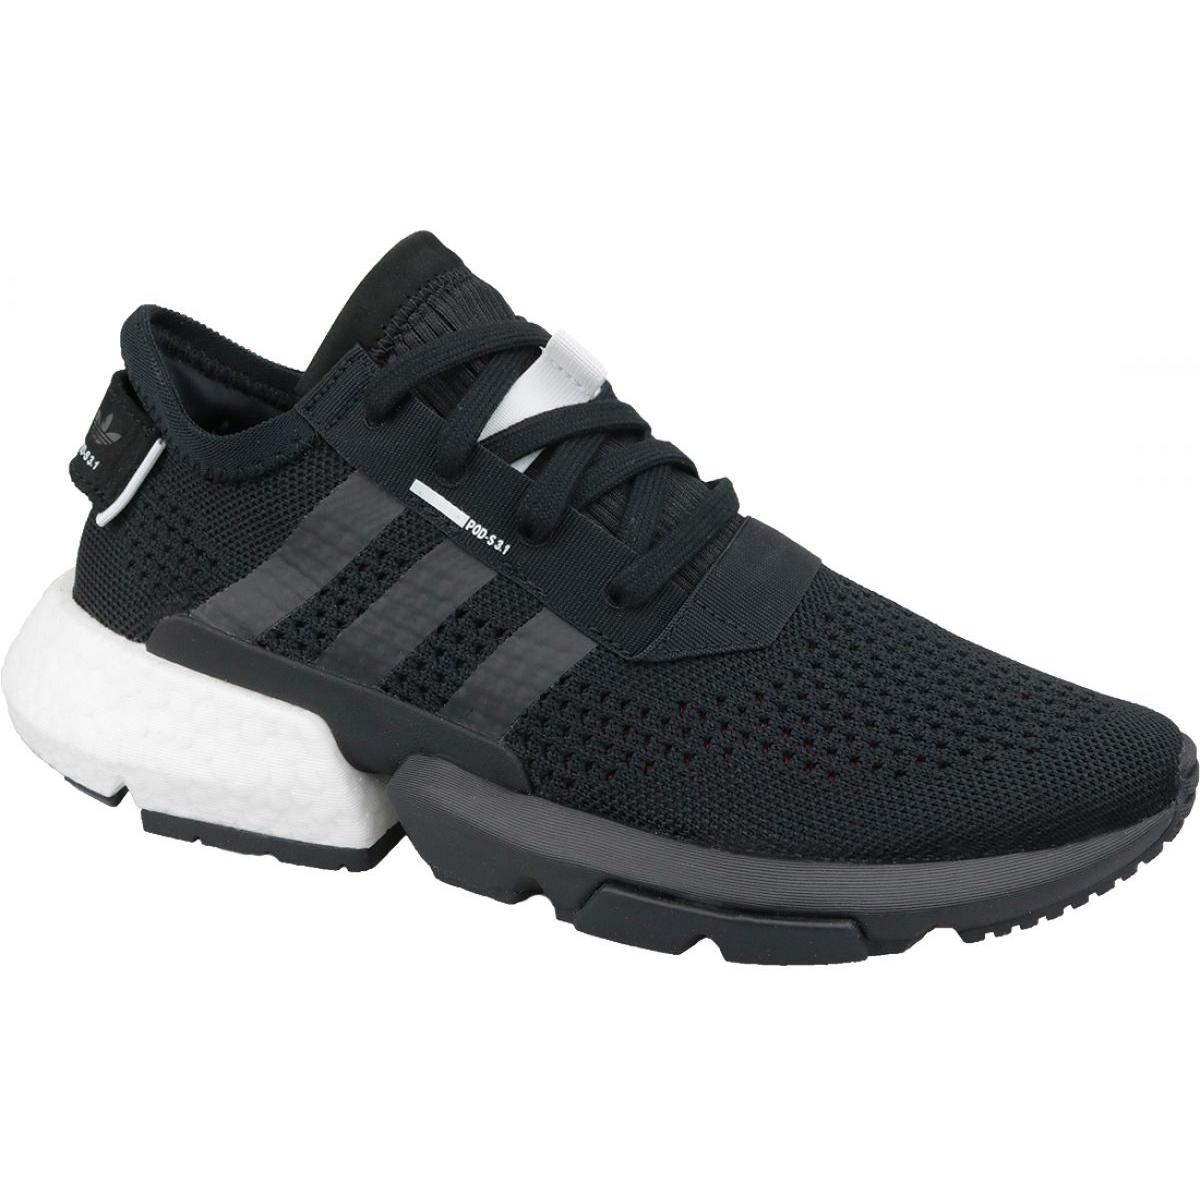 Adidas POD-S3.1 M DB3378 shoes black | eBay